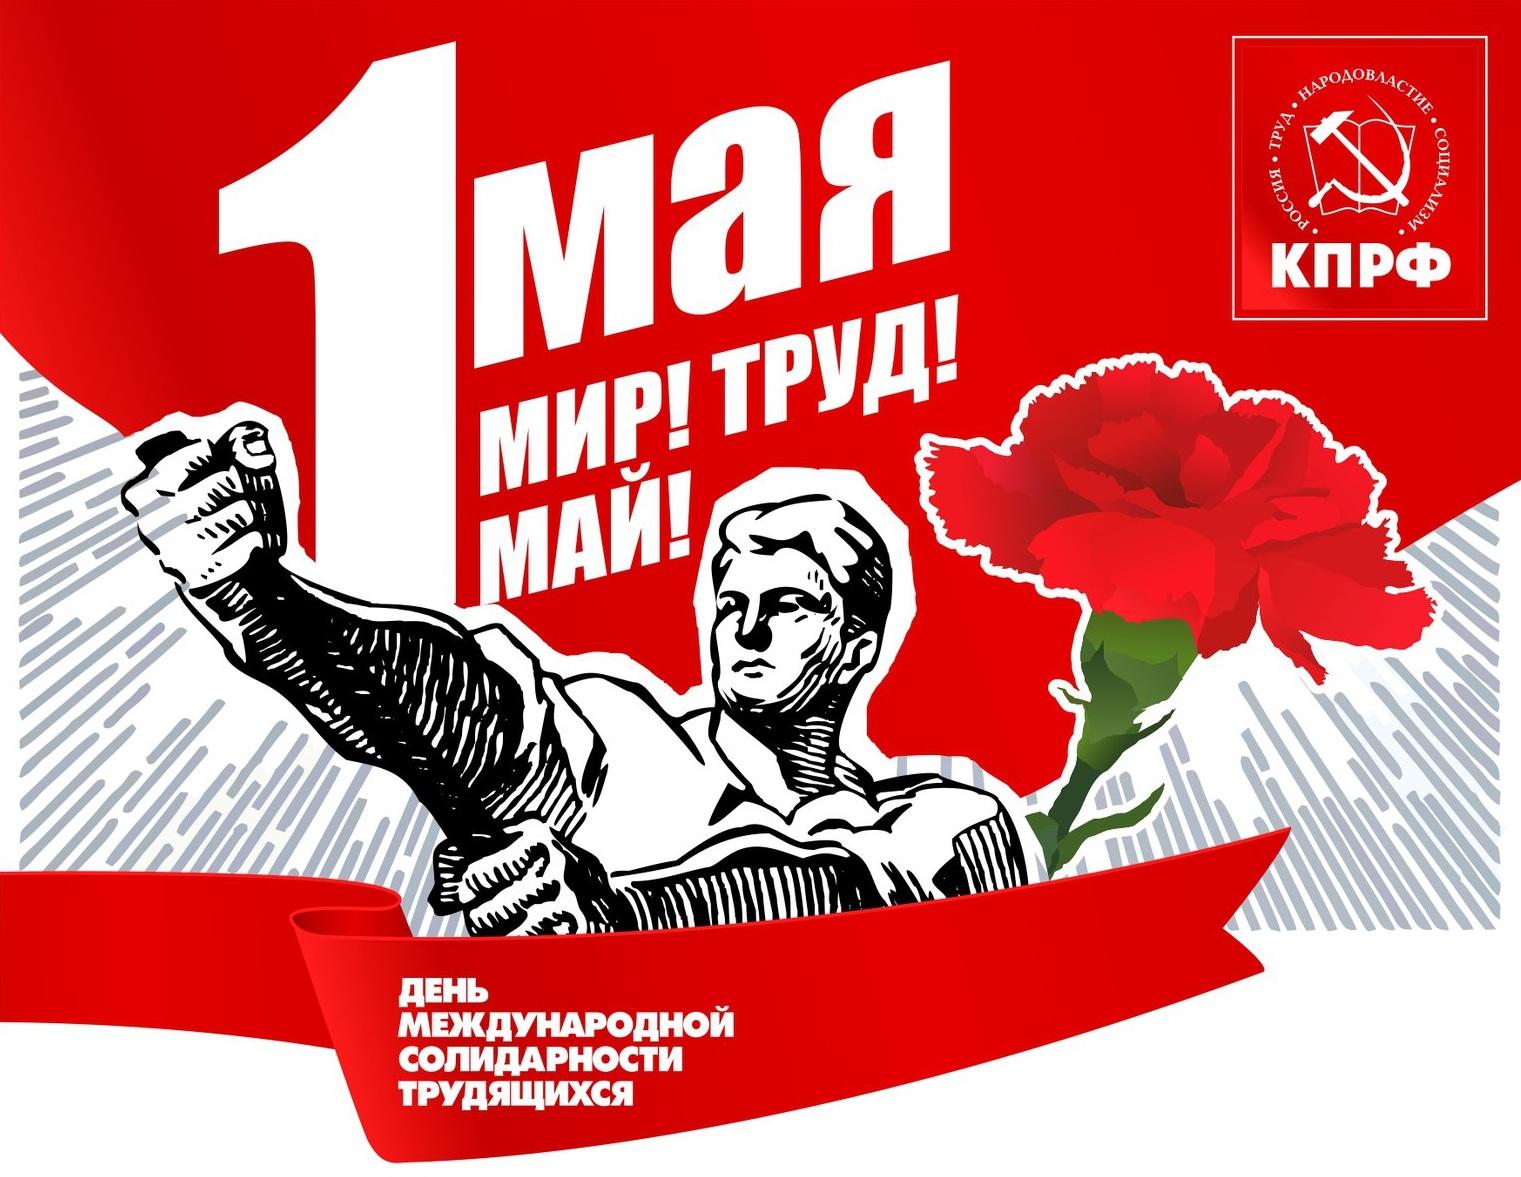 Ольга Алимова поздравила с Днём международной солидарности трудящихся